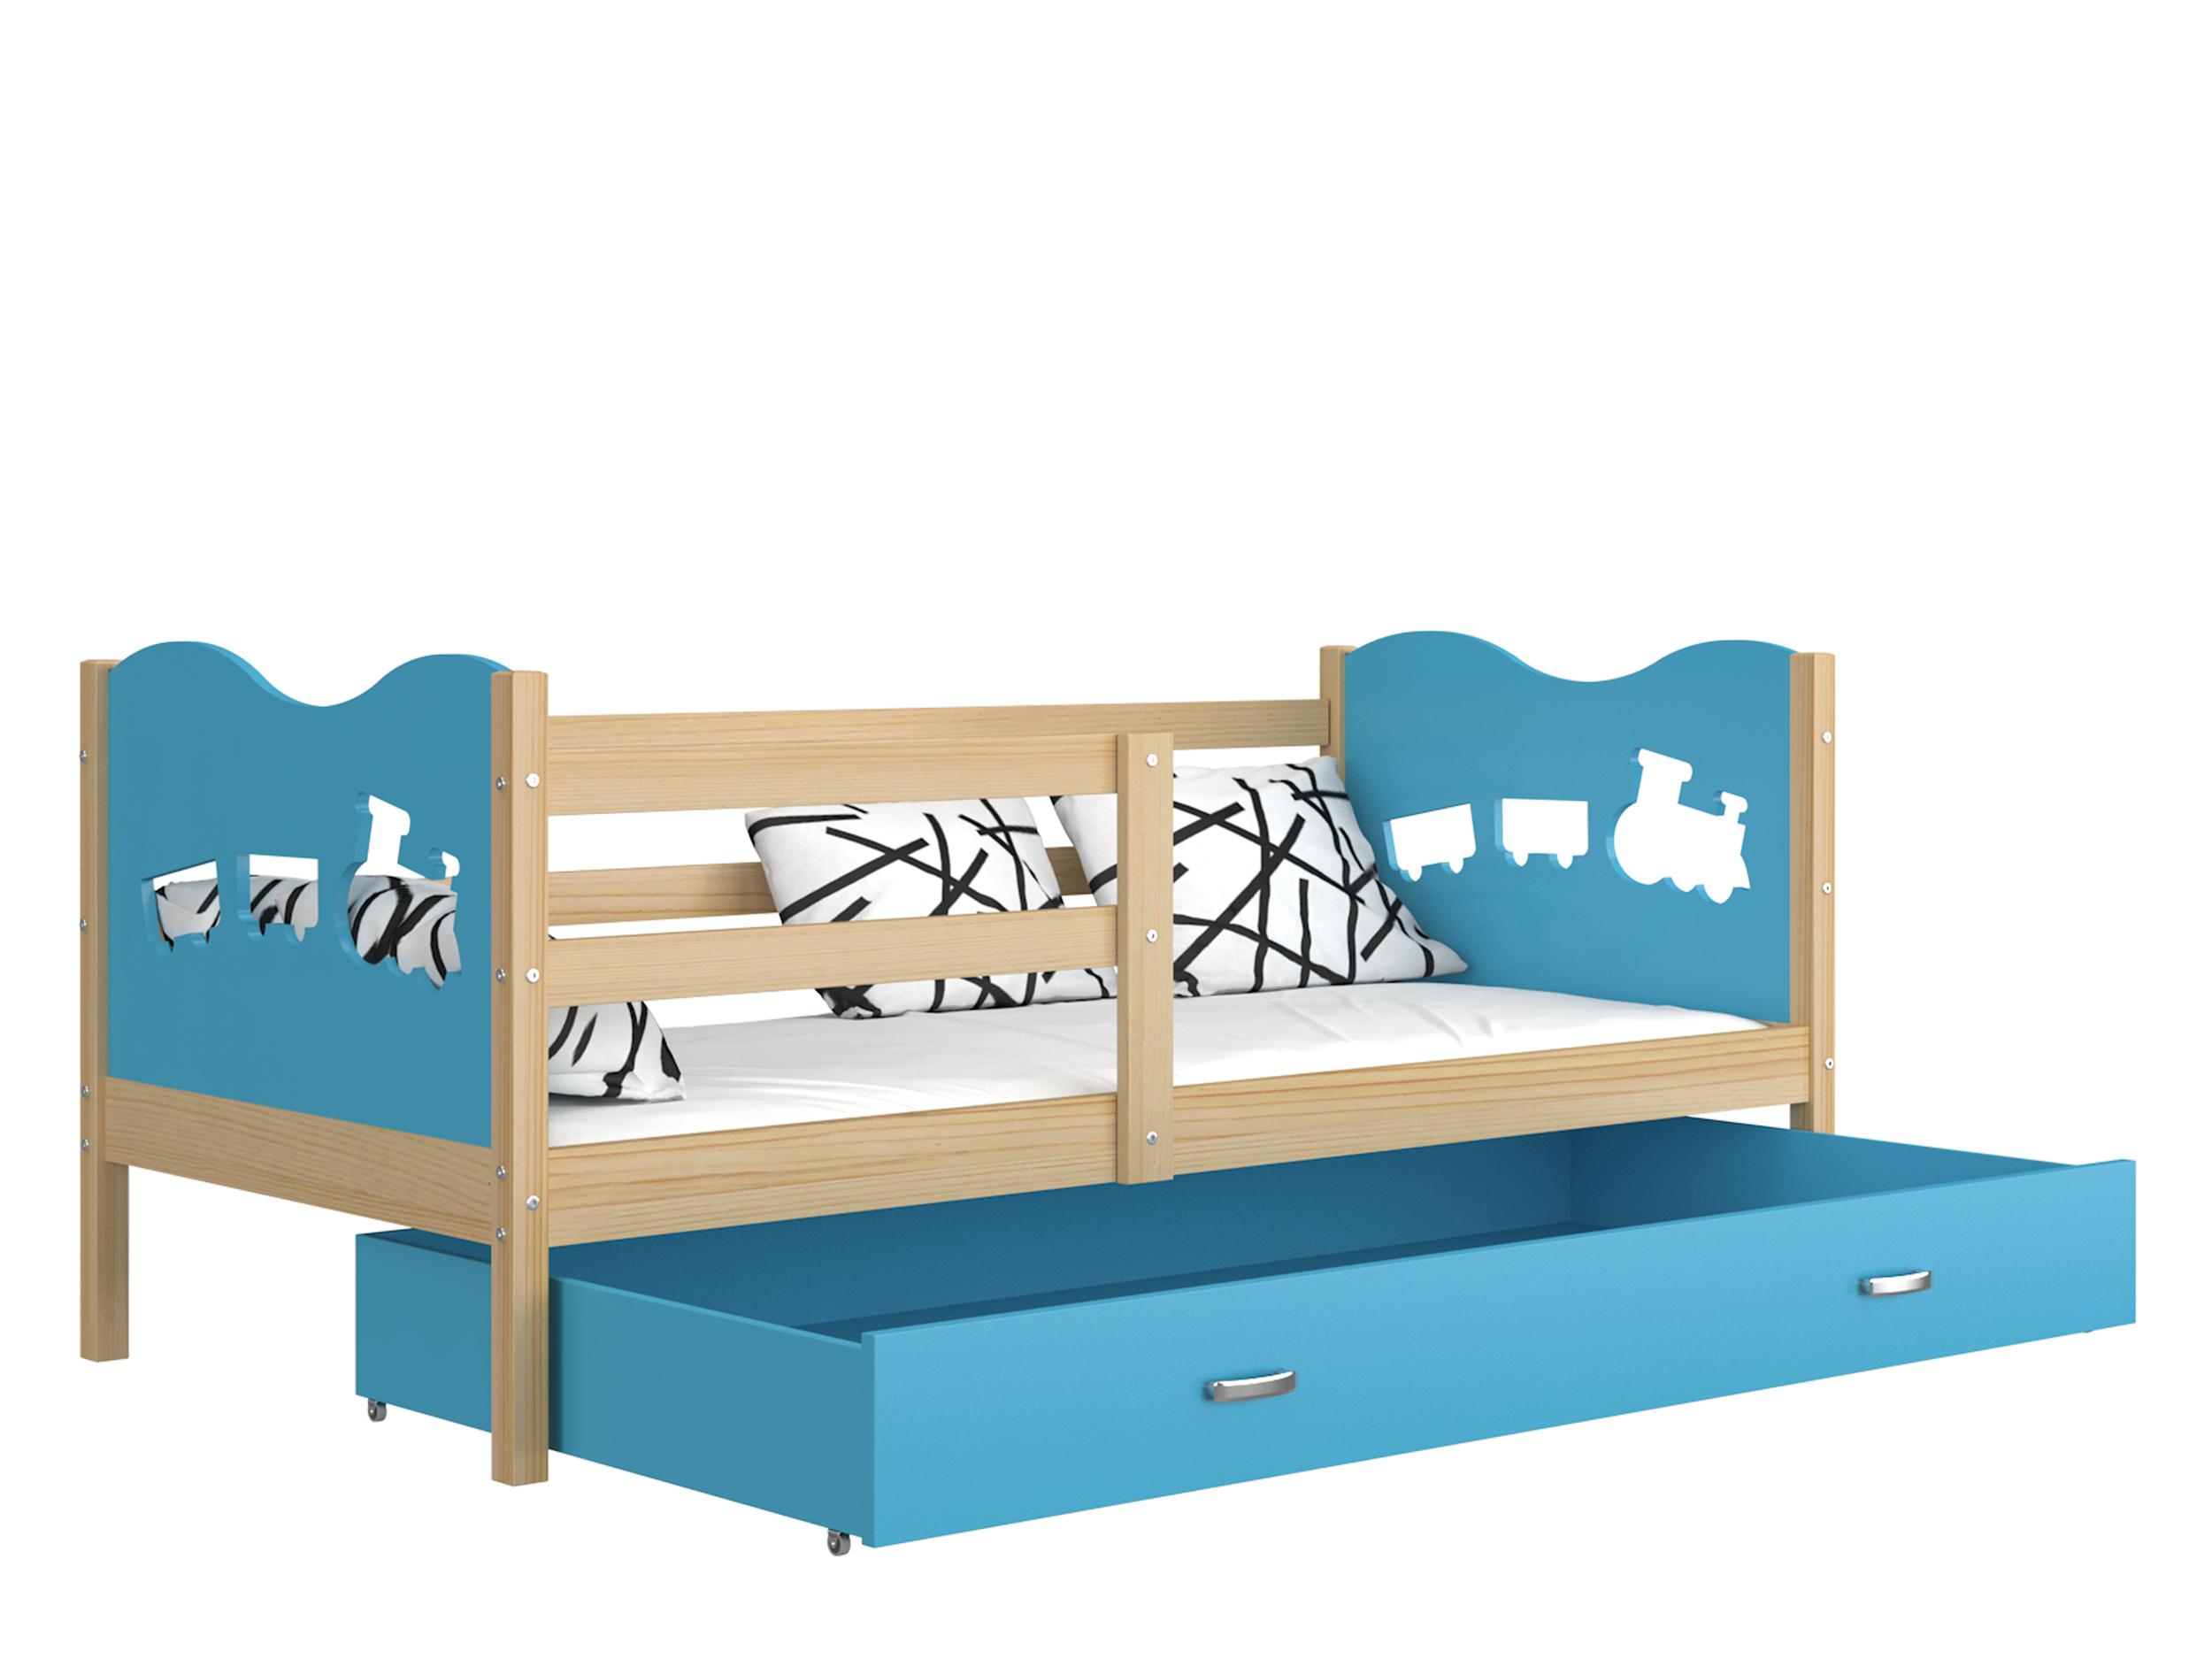 ArtAJ Detská posteľ MAX P drevo / MDF 160 x 80 cm Farba: Borovica / modrá 160 x 80 cm, s matracom